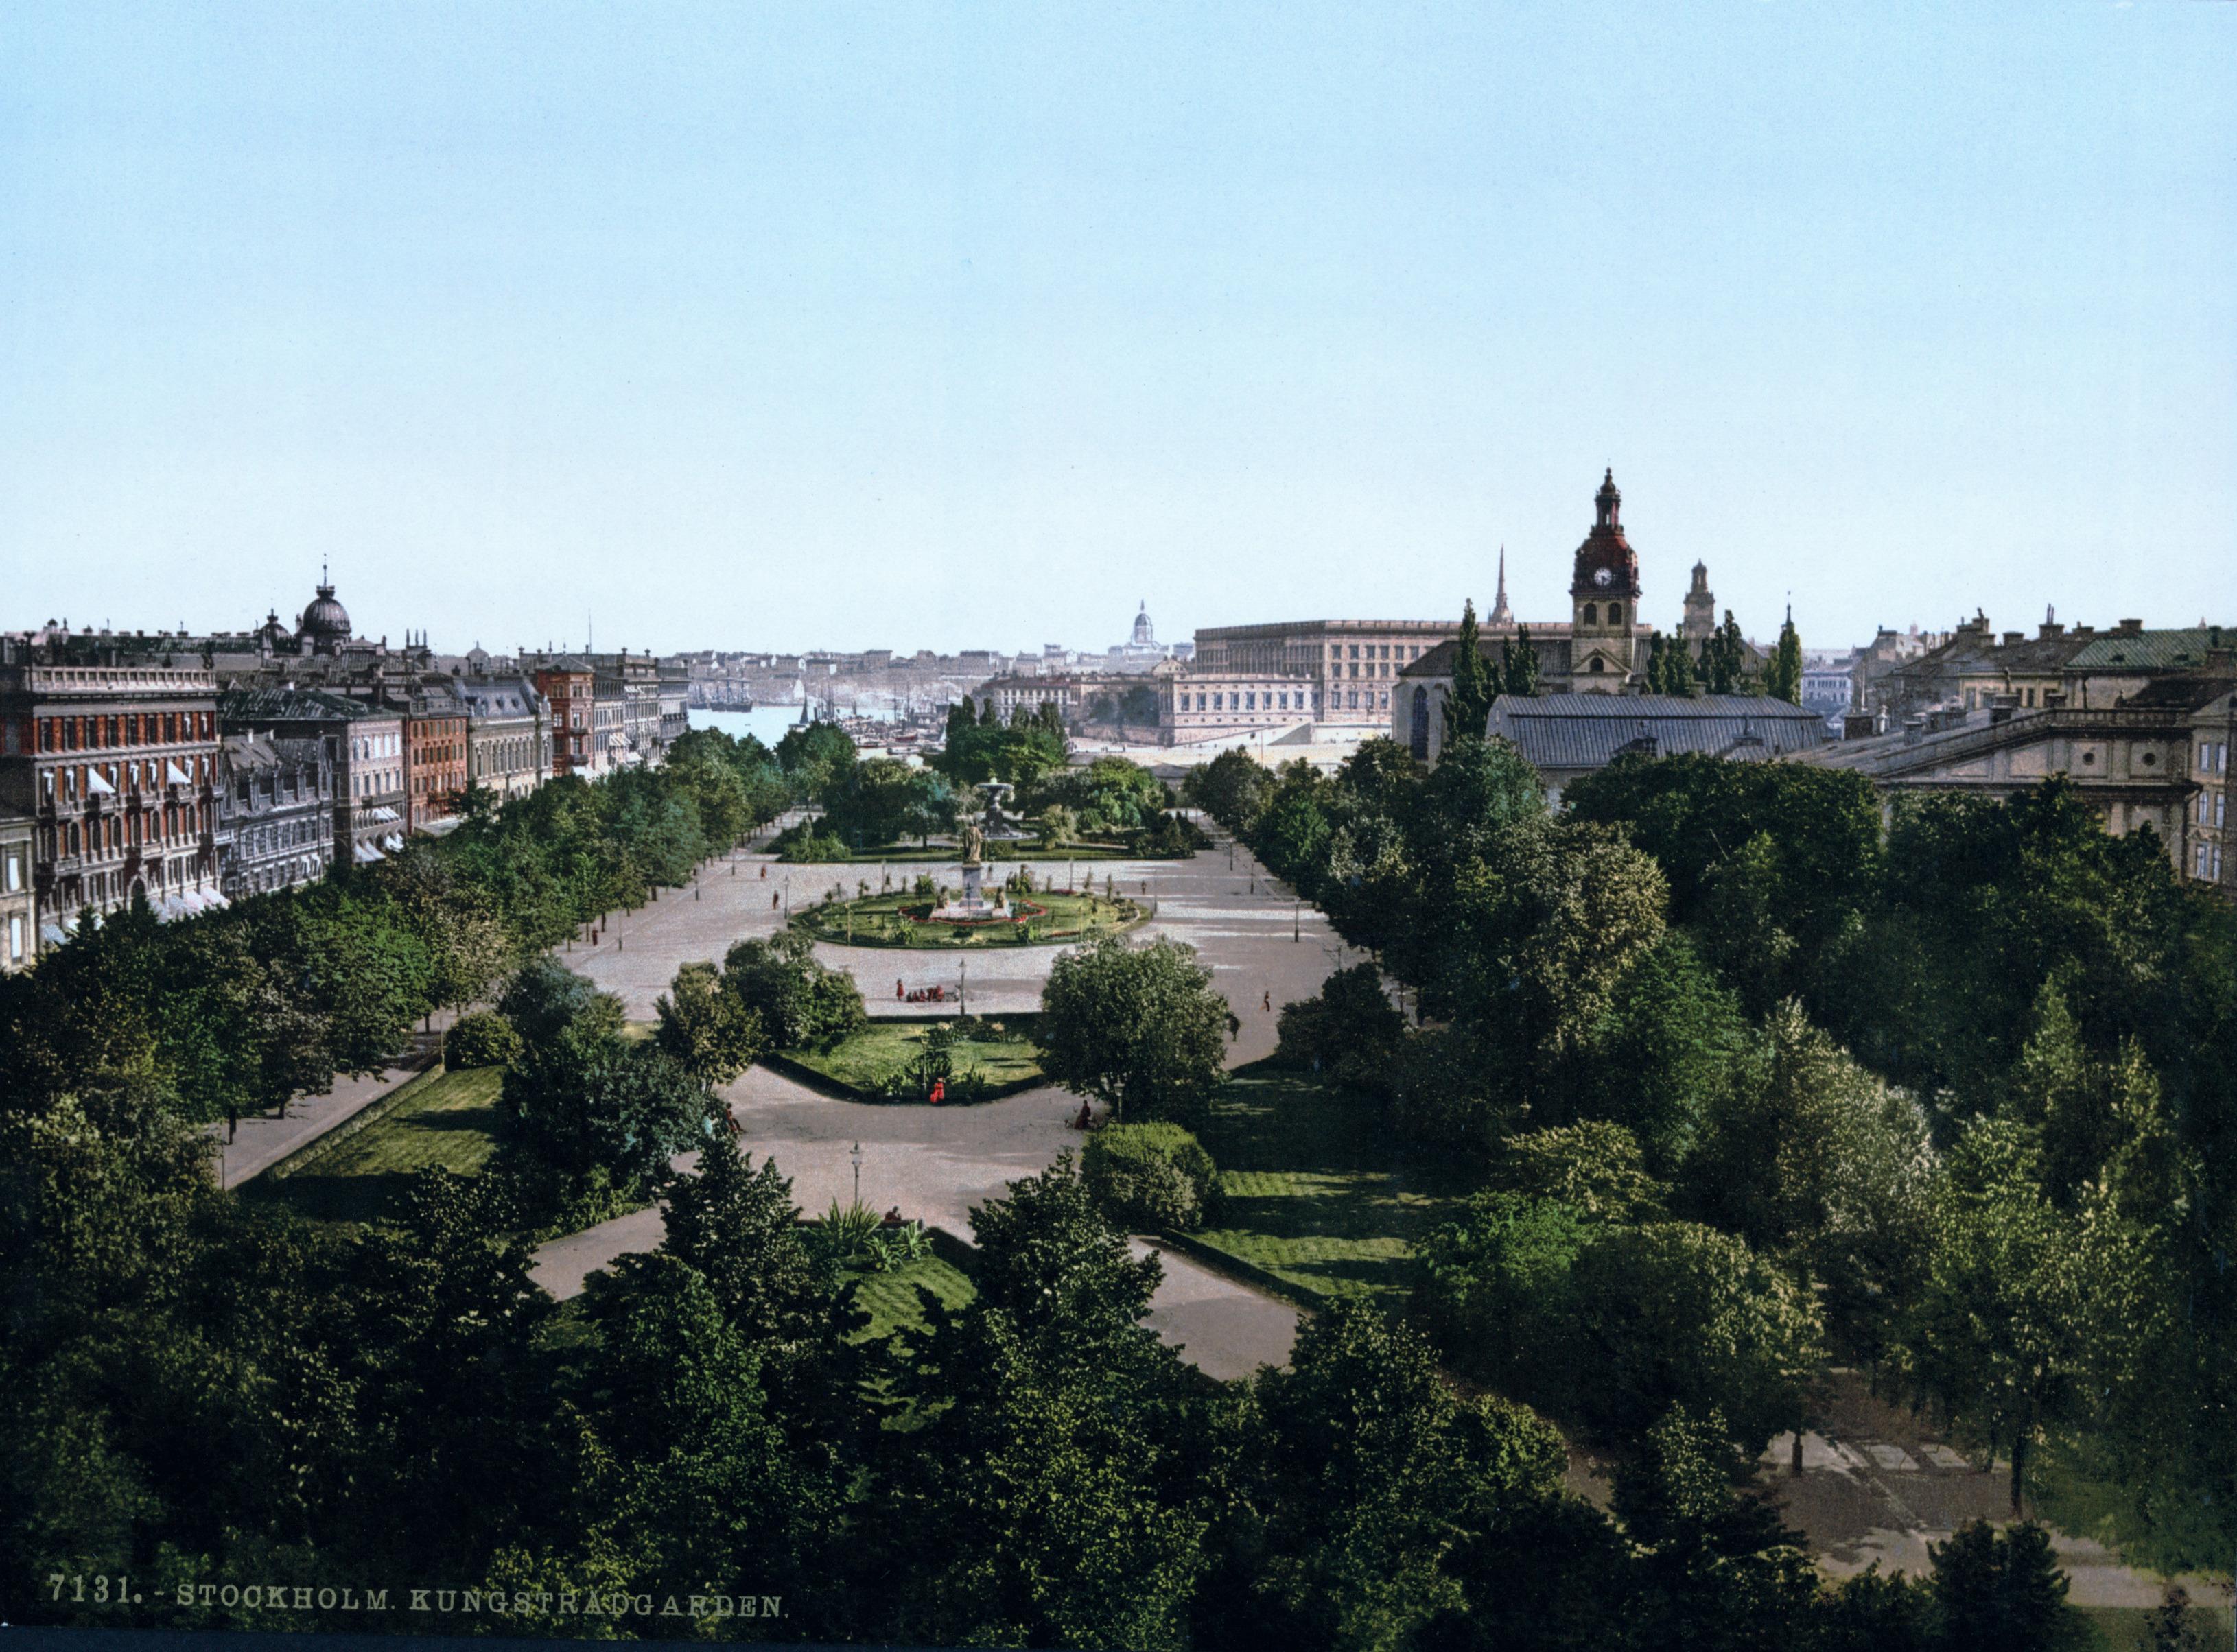 Före Stockholms Undergång  Stockholm_Kungsträdgården_(1890-1900)